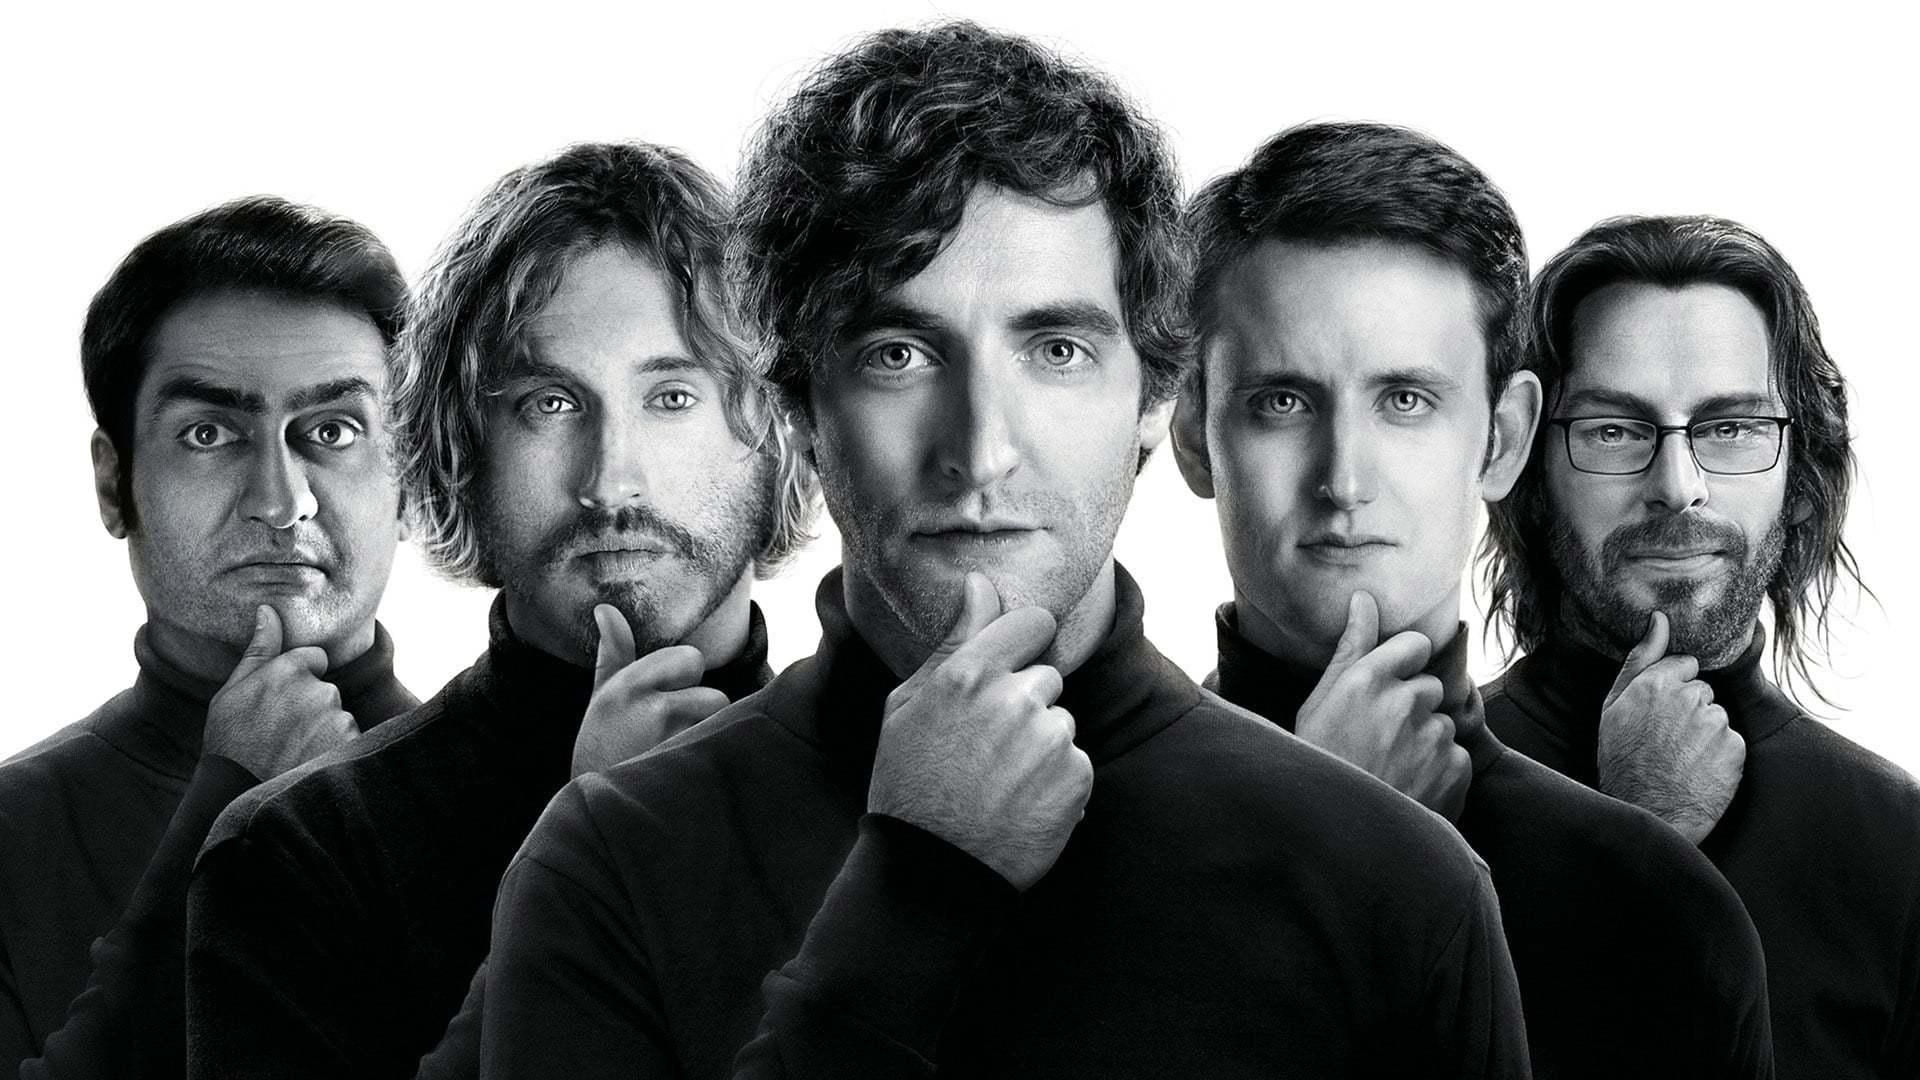 Кадры из фильма Силиконовая долина Silicon Valley 2014